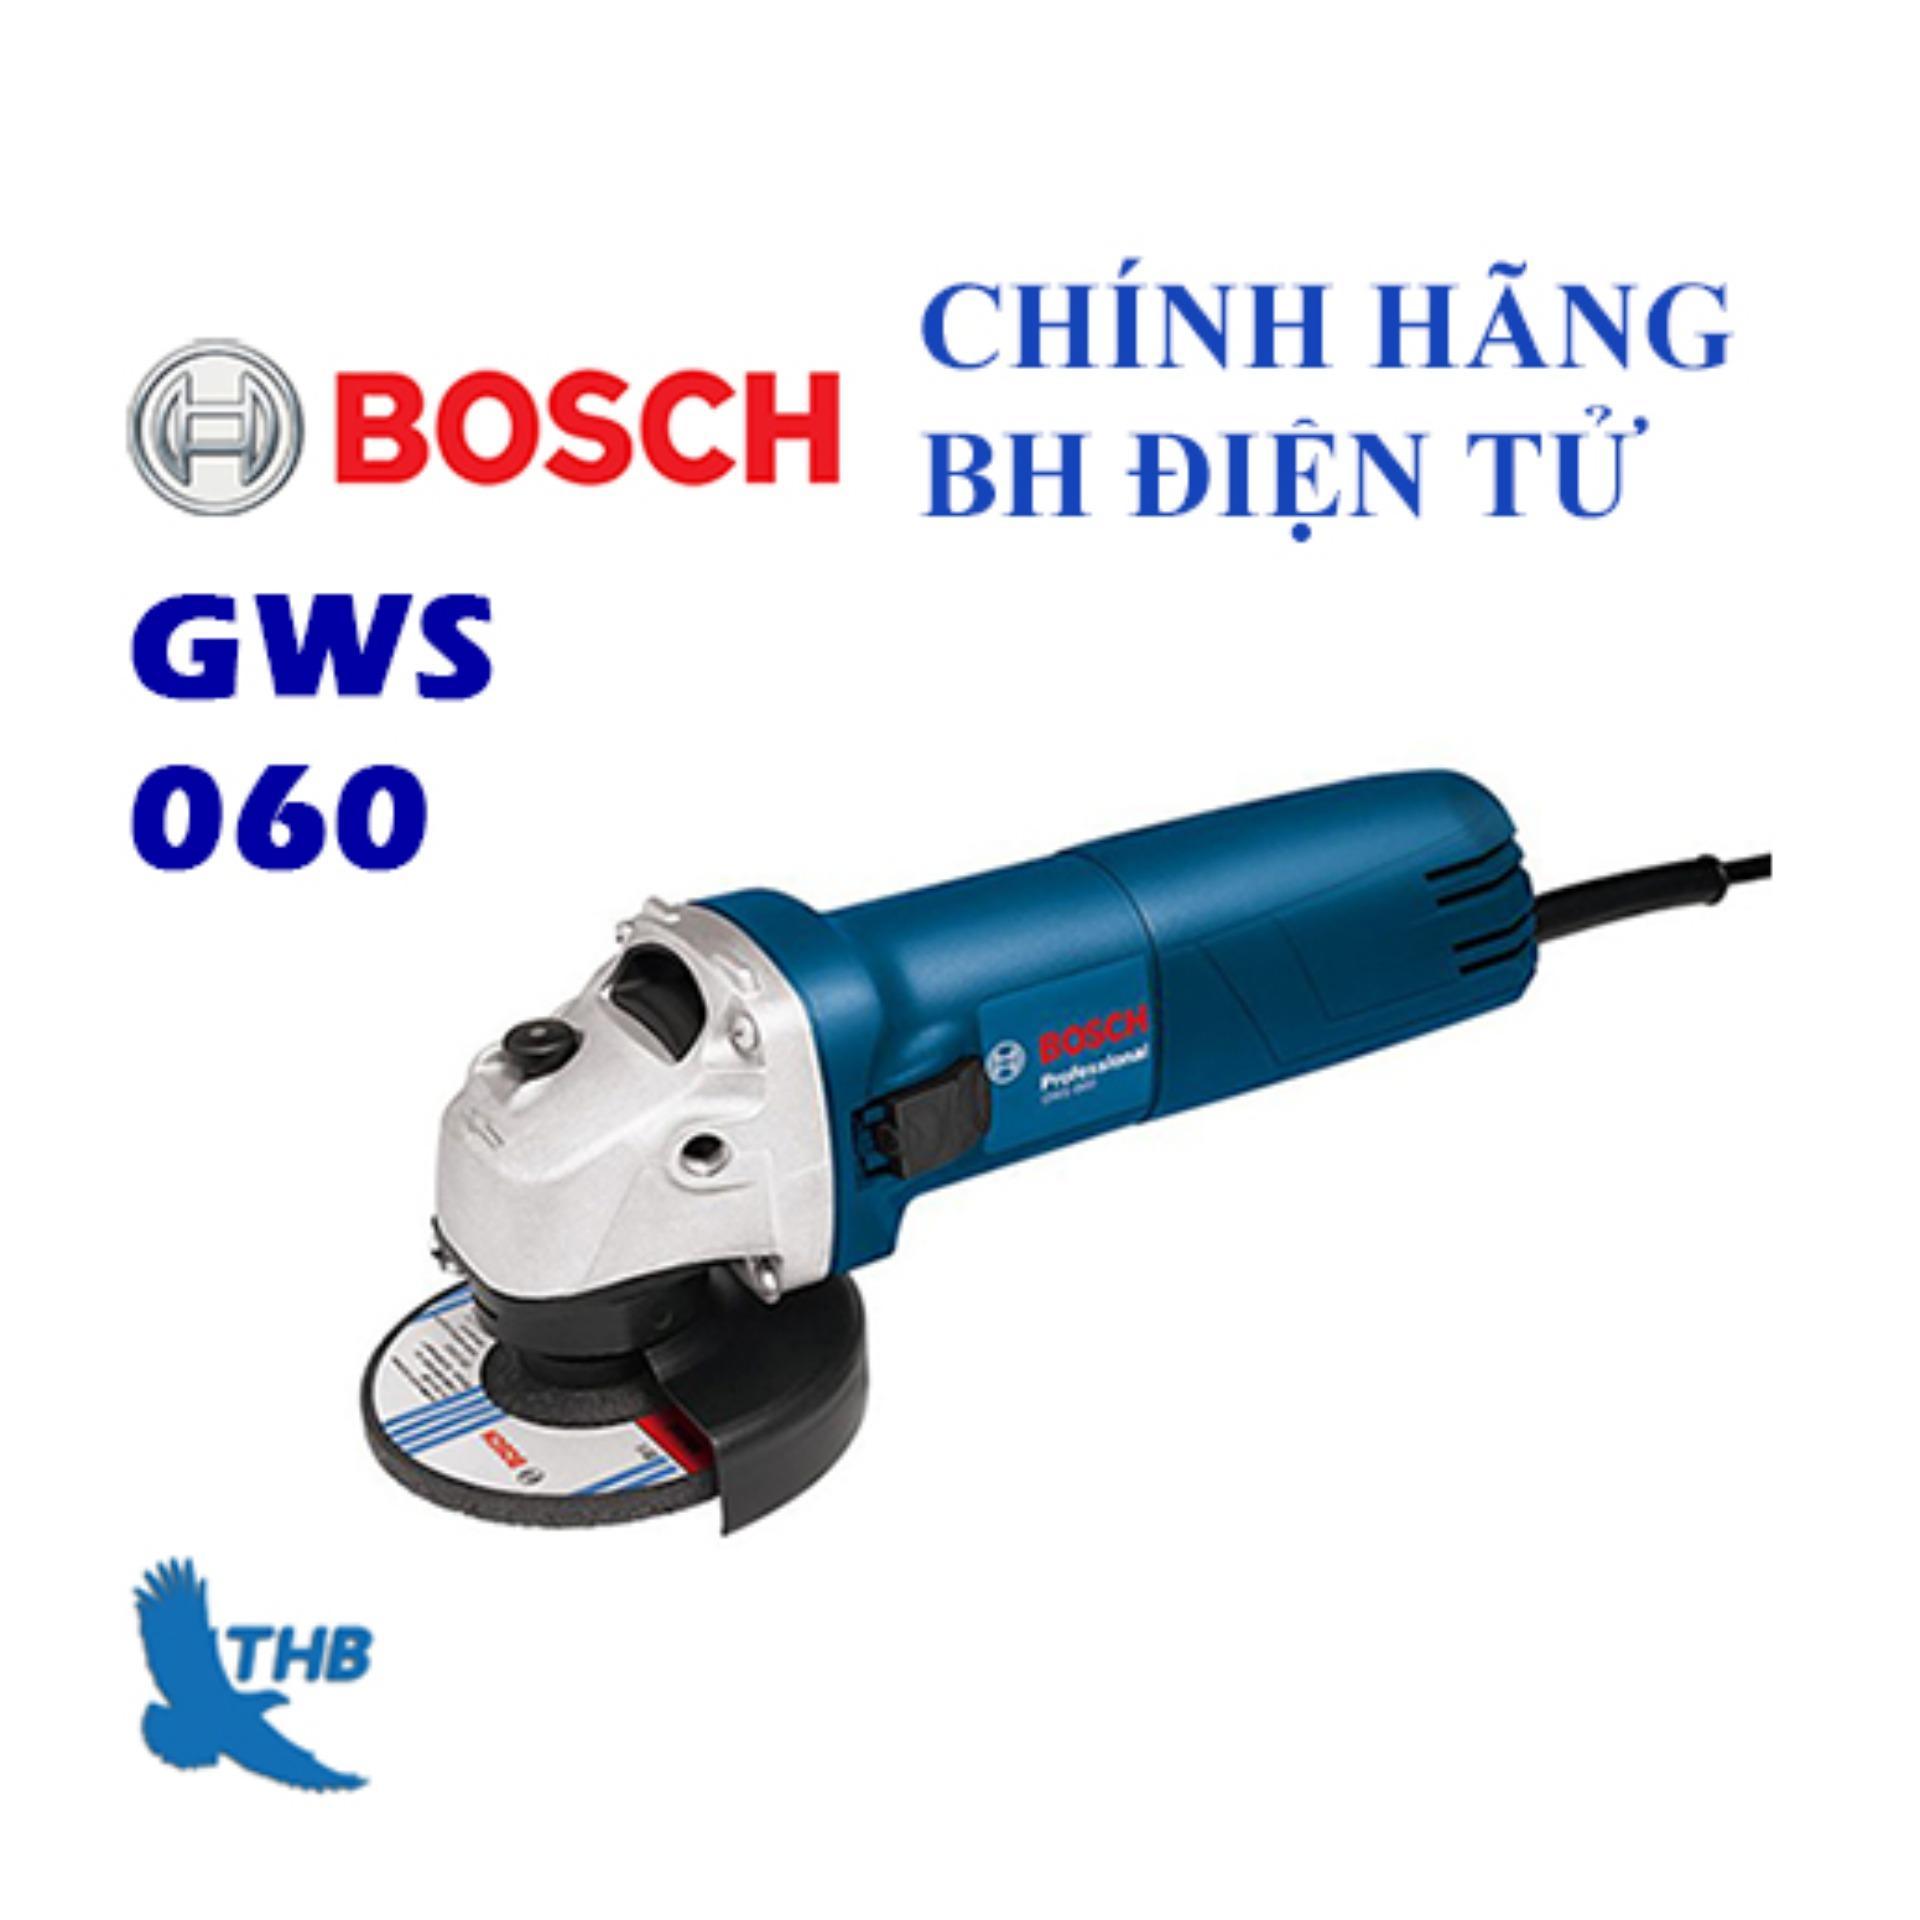 Máy mài góc Bosch GWS 060 tặng Tay cầm